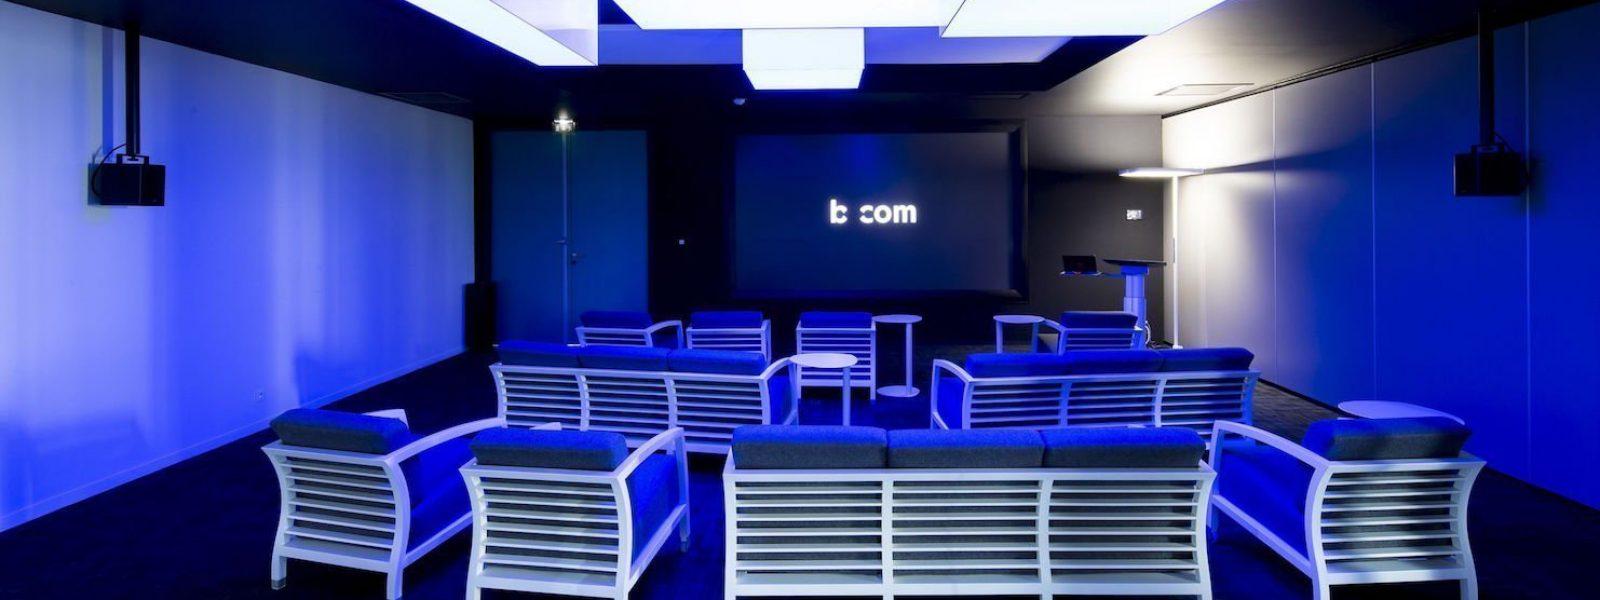 Nokia s'associe à bcom pour développer la 5G